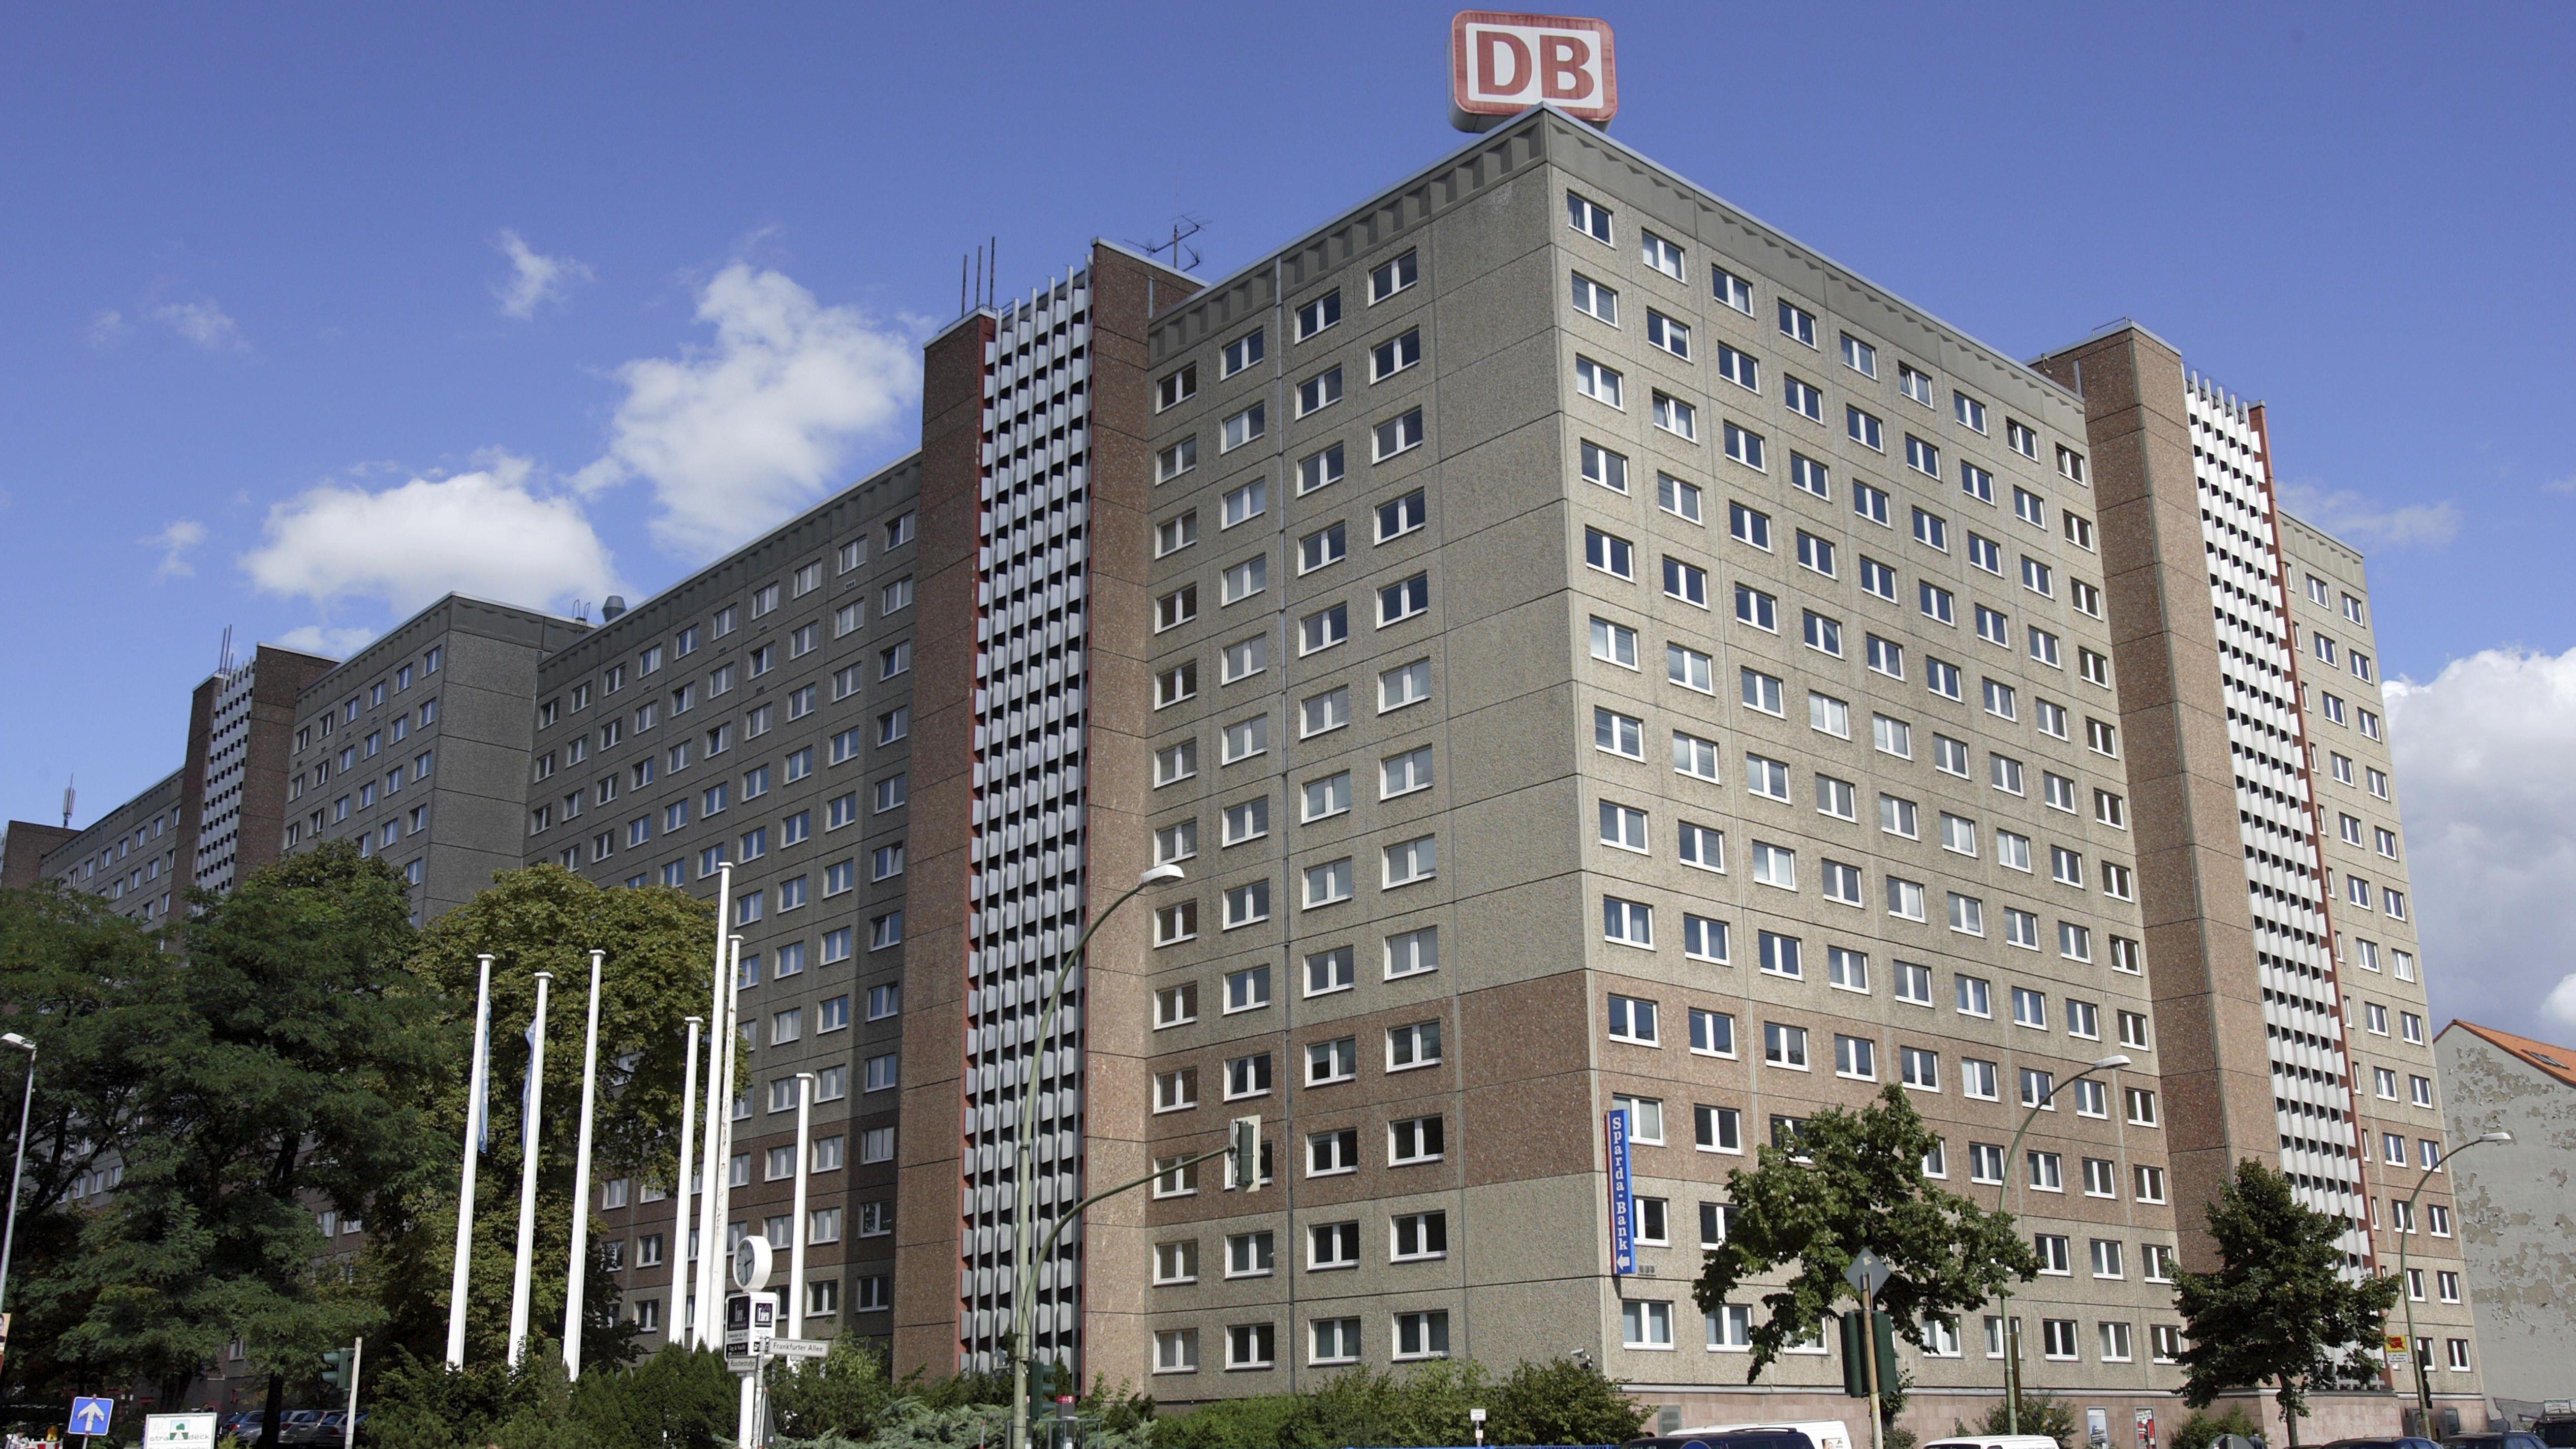 Stasizentrale in der Berliner Normannenstraße